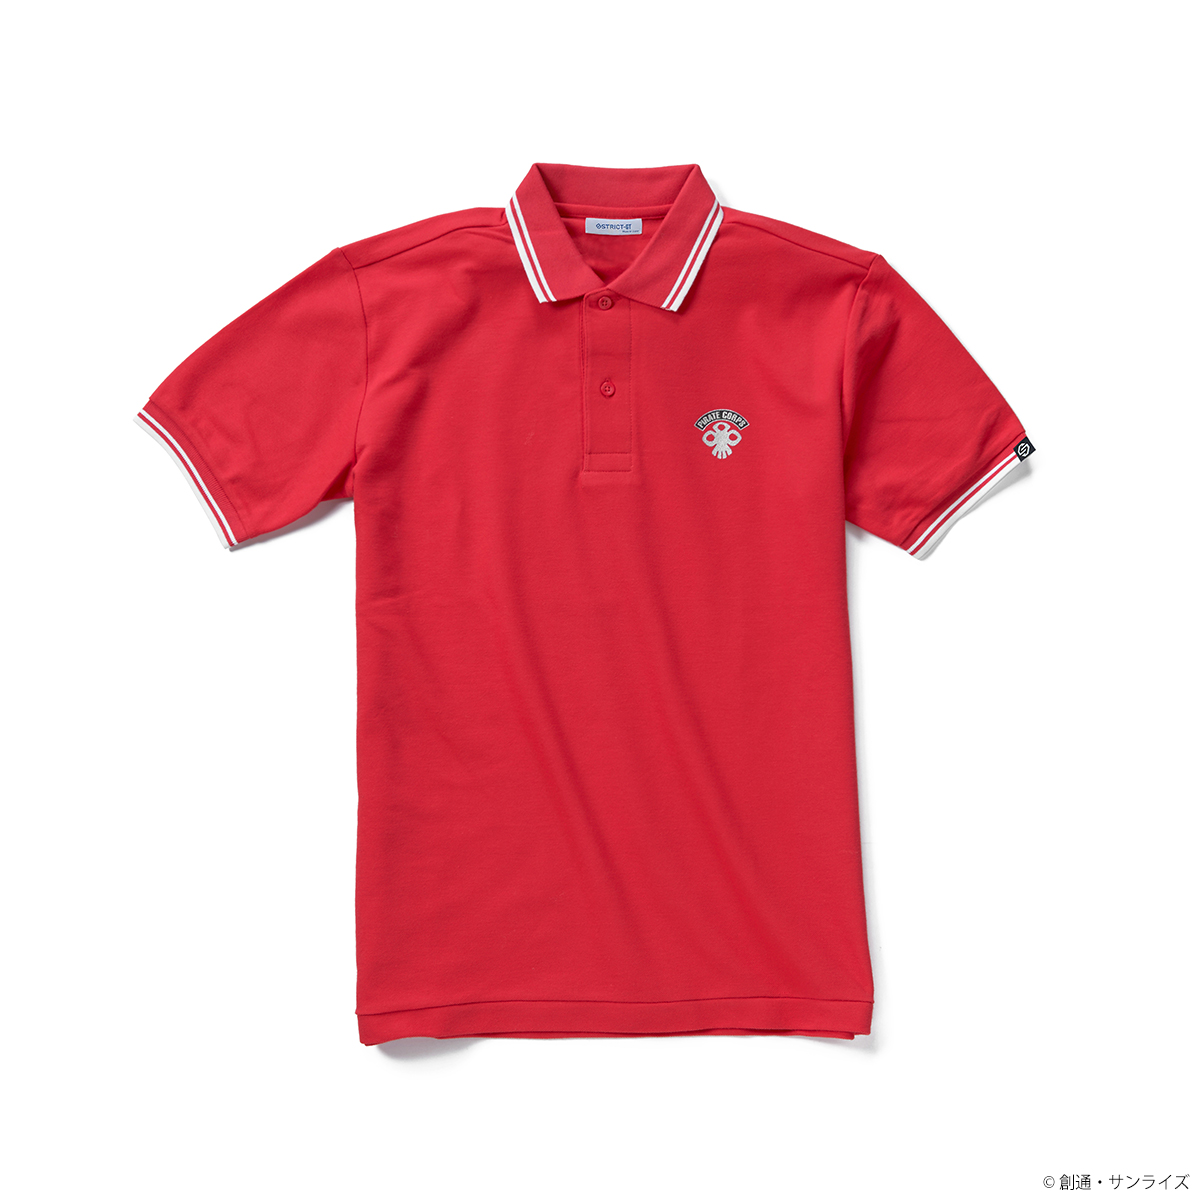 『ガンダム Gのレコンギスタ』ラインポロシャツ 赤